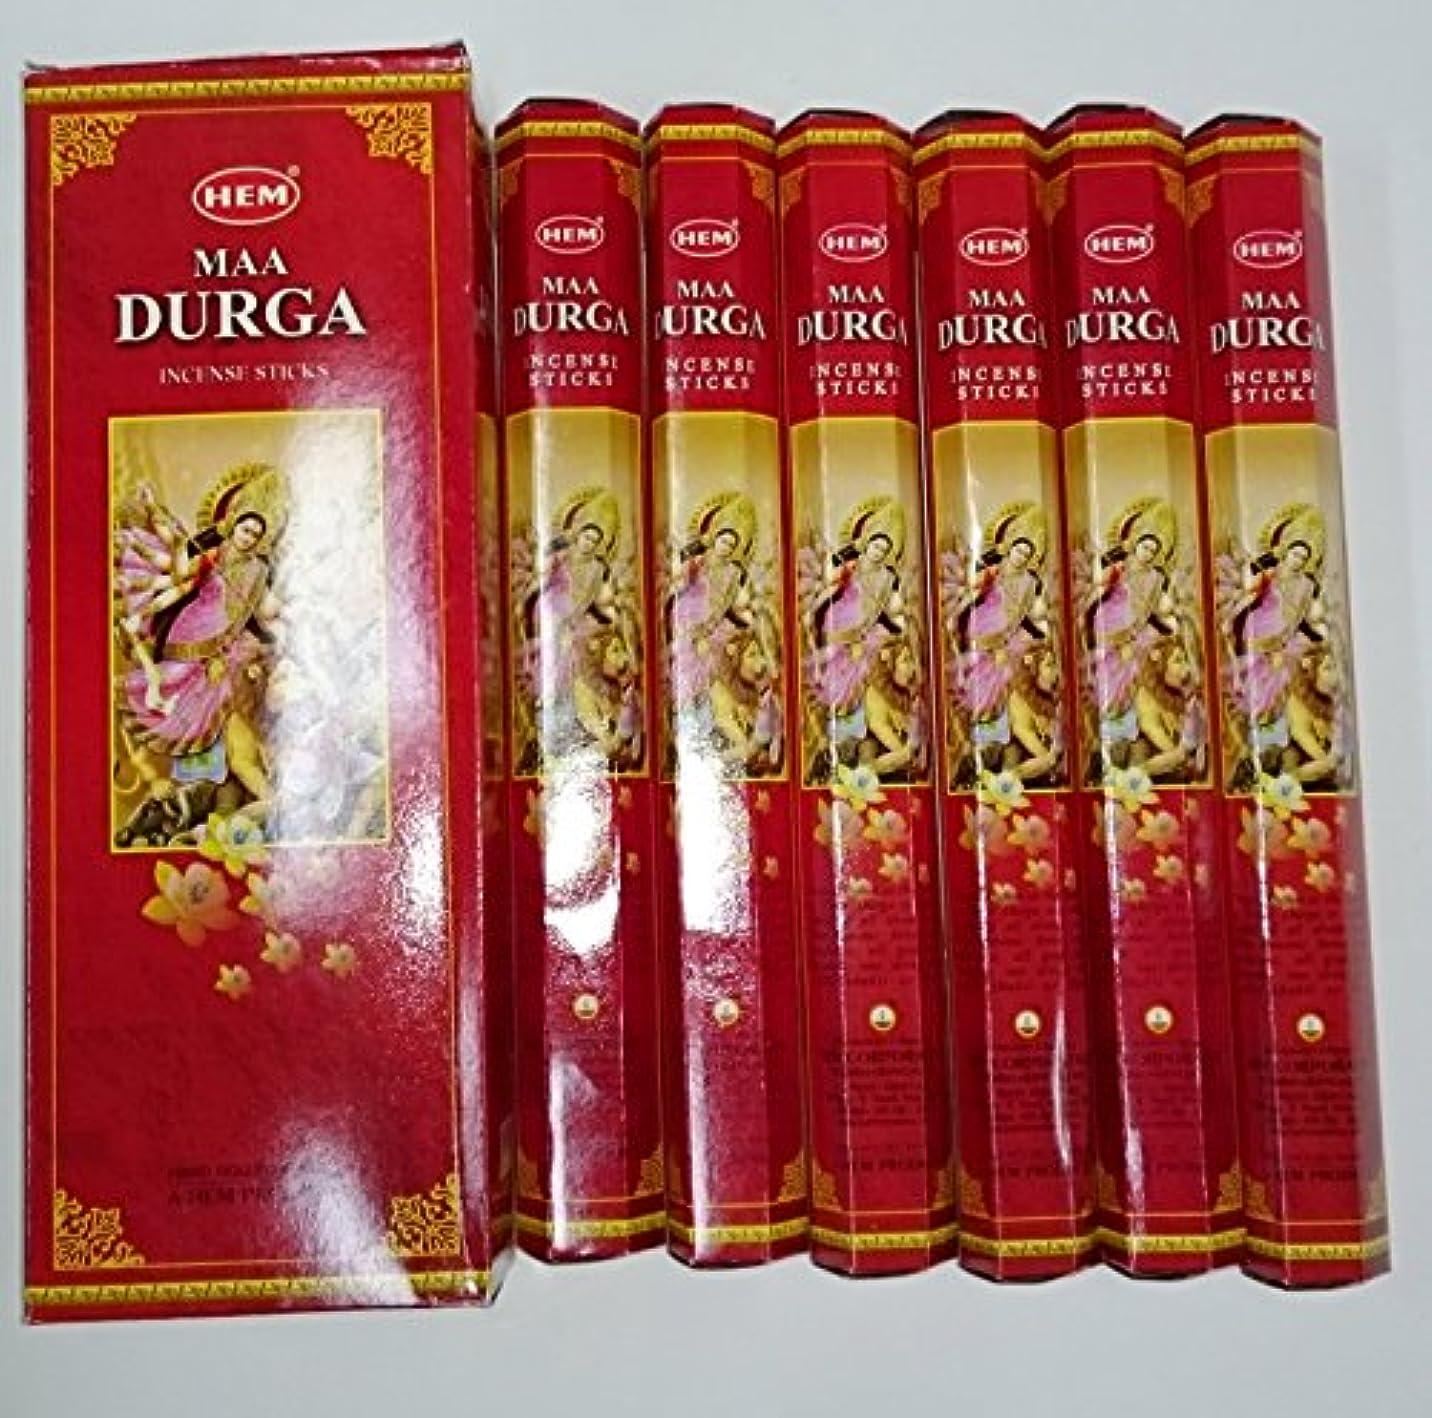 。なす変形HEM(ヘム) スティックお香 六角香 ヘキサパック ドゥルガー香 6角(20本入)x6箱[並行輸入品]DURGA